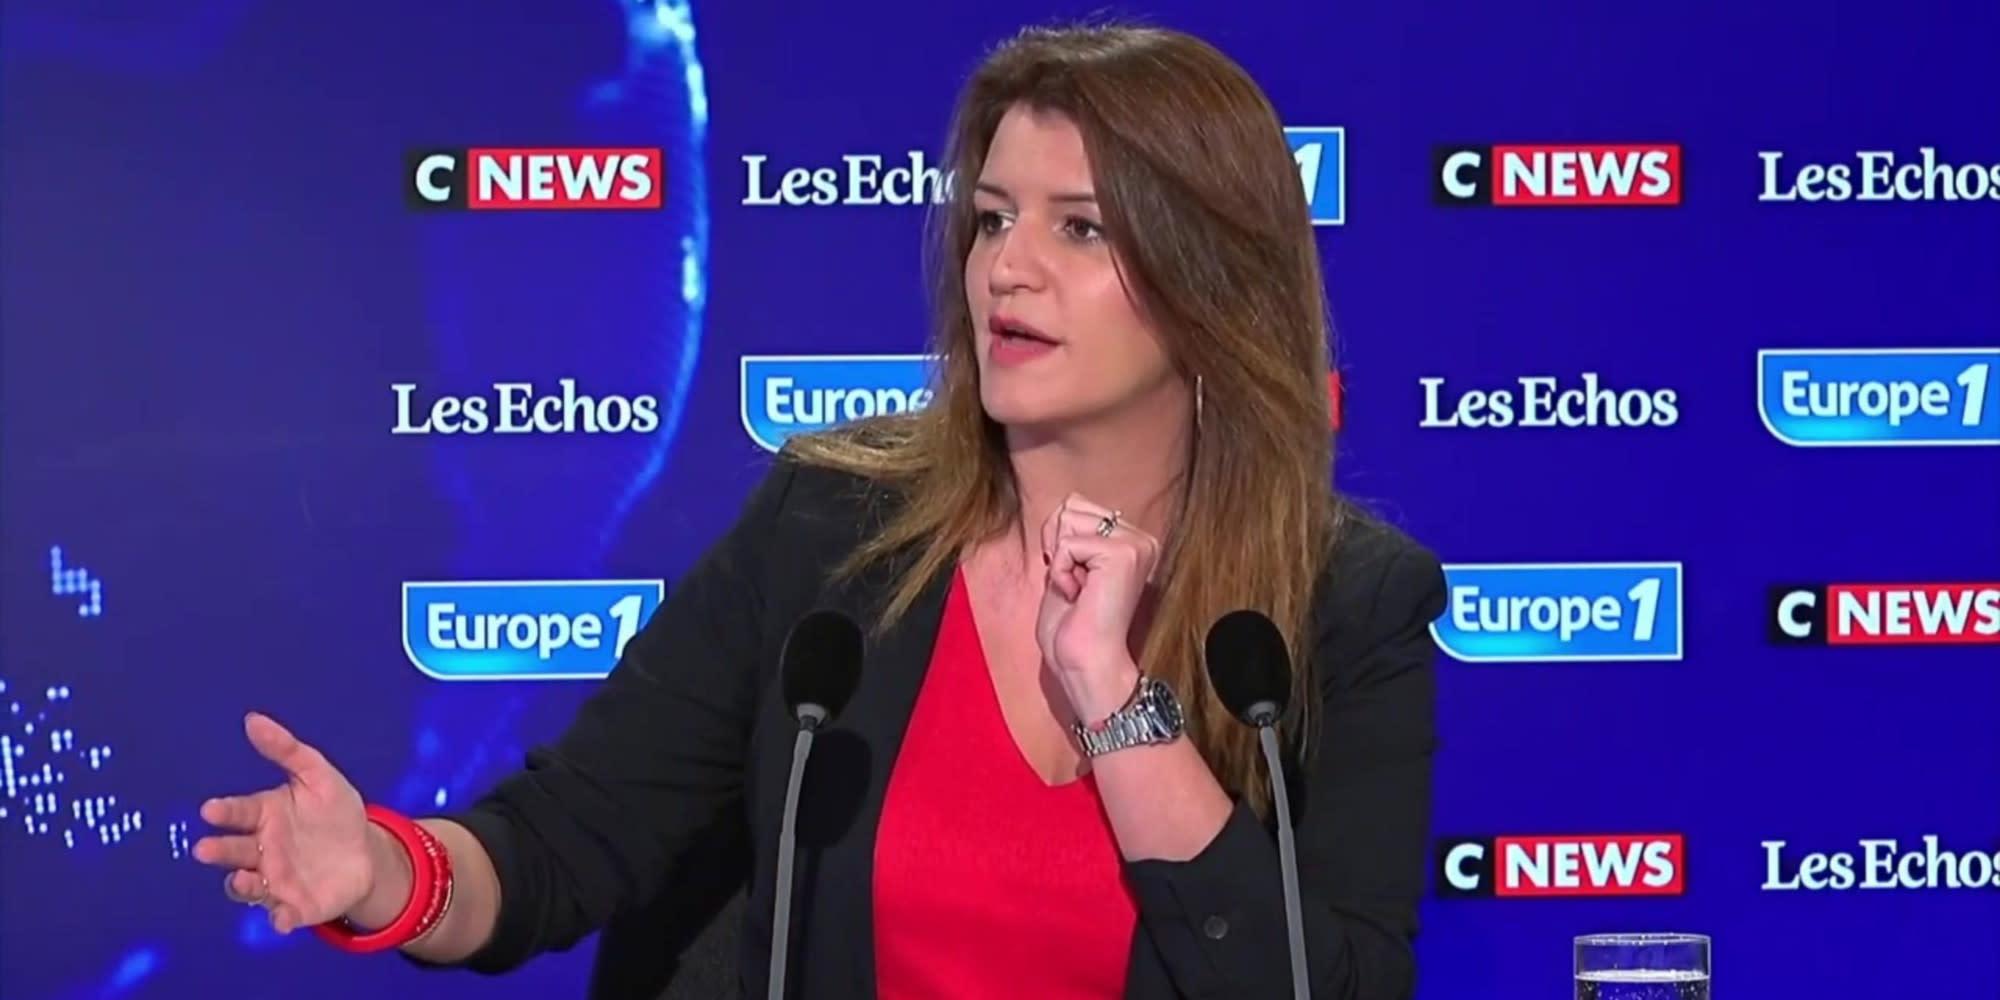 """""""Dire que Macron et Le Pen ça se vaut, c'est irresponsable"""", dénonce Marlène Schiappa"""